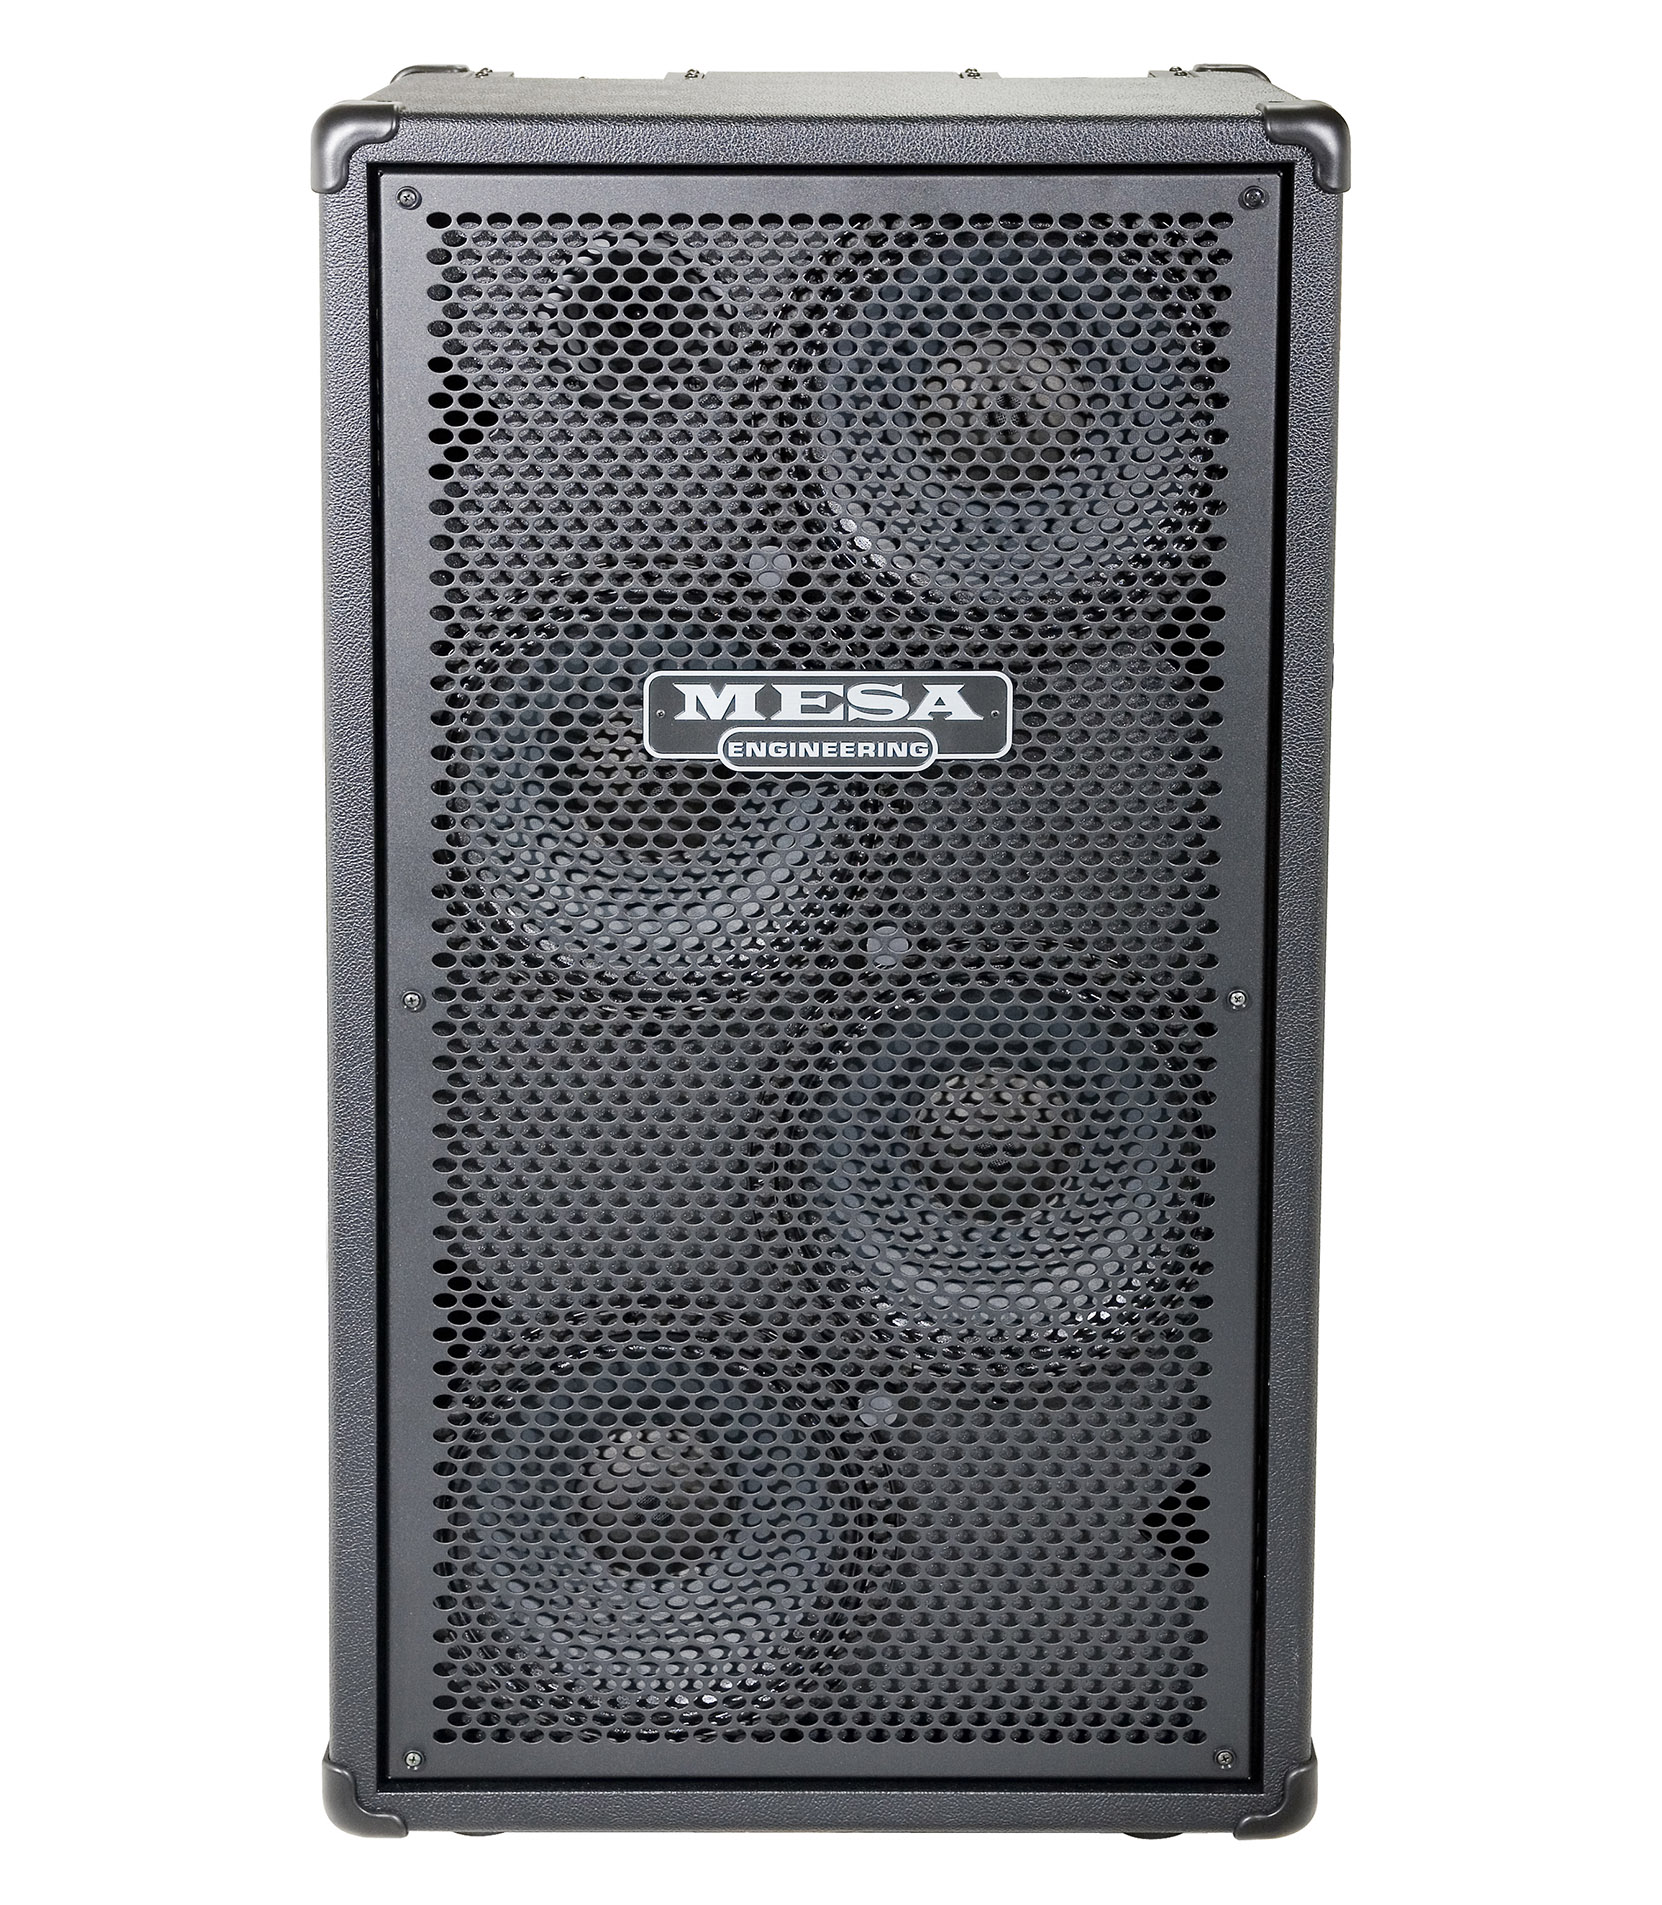 buy mesaboogie 4x12 standard powerhouse bass cabinet